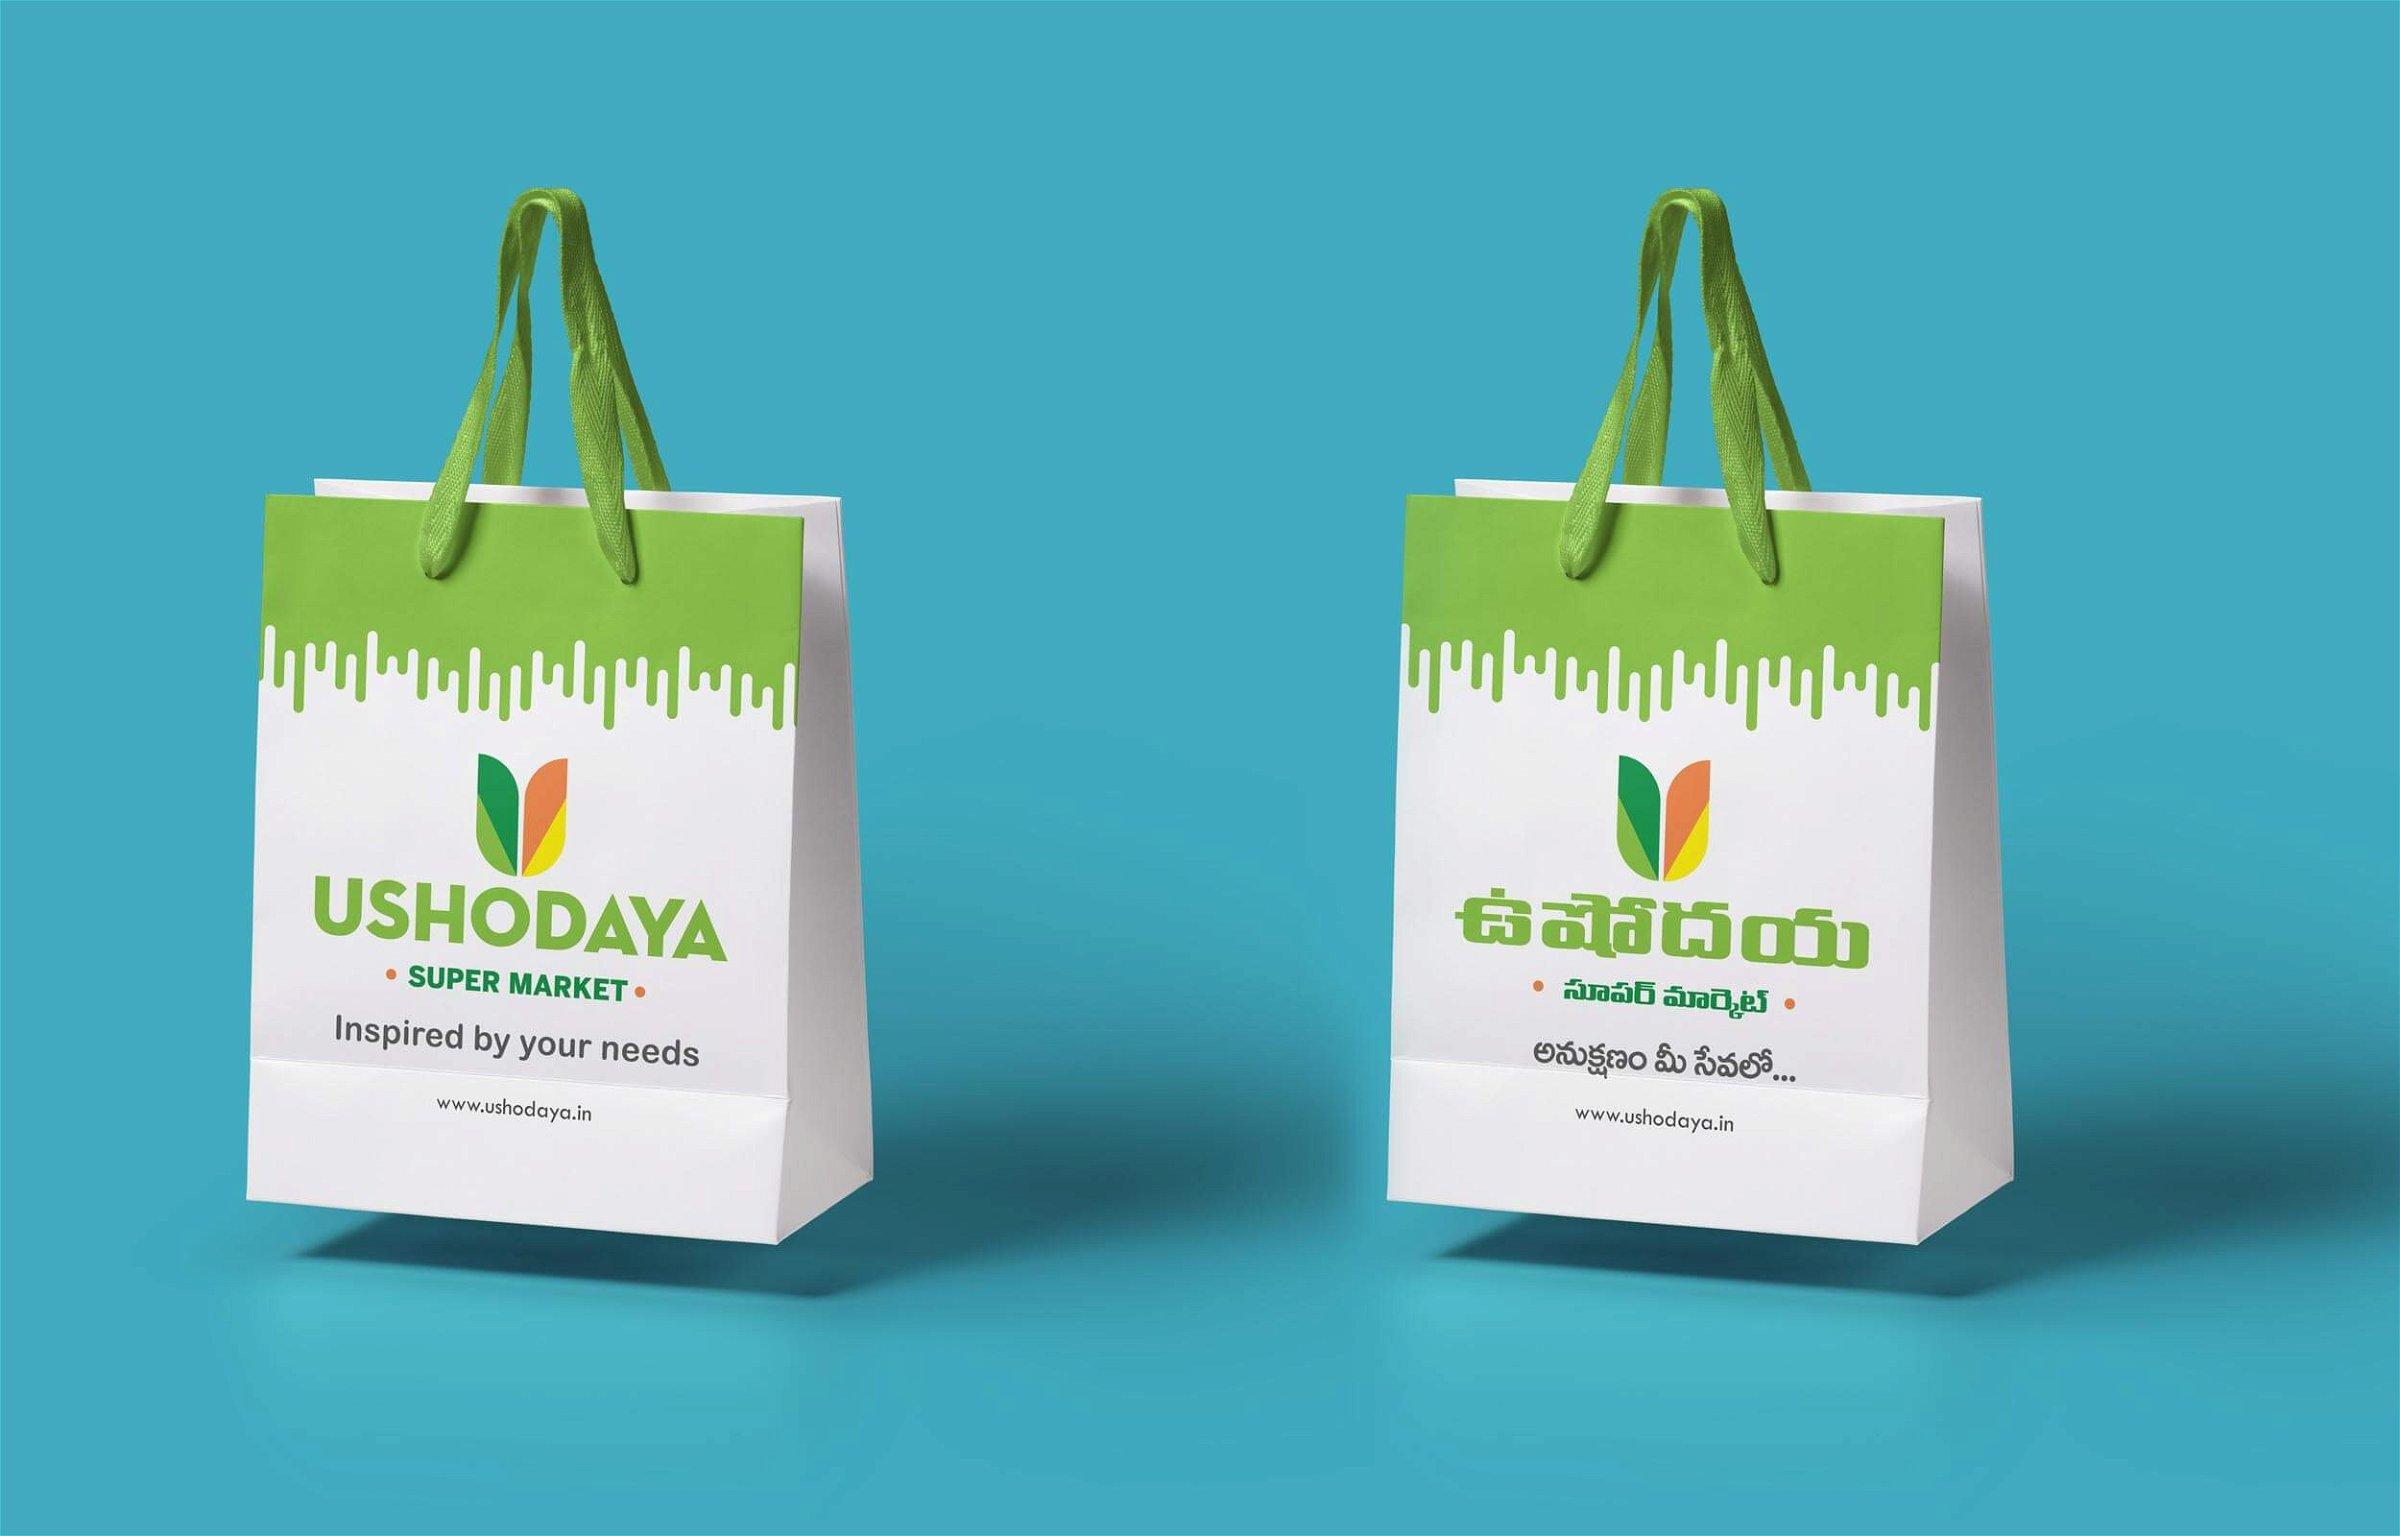 Branding companies in Hyderabad